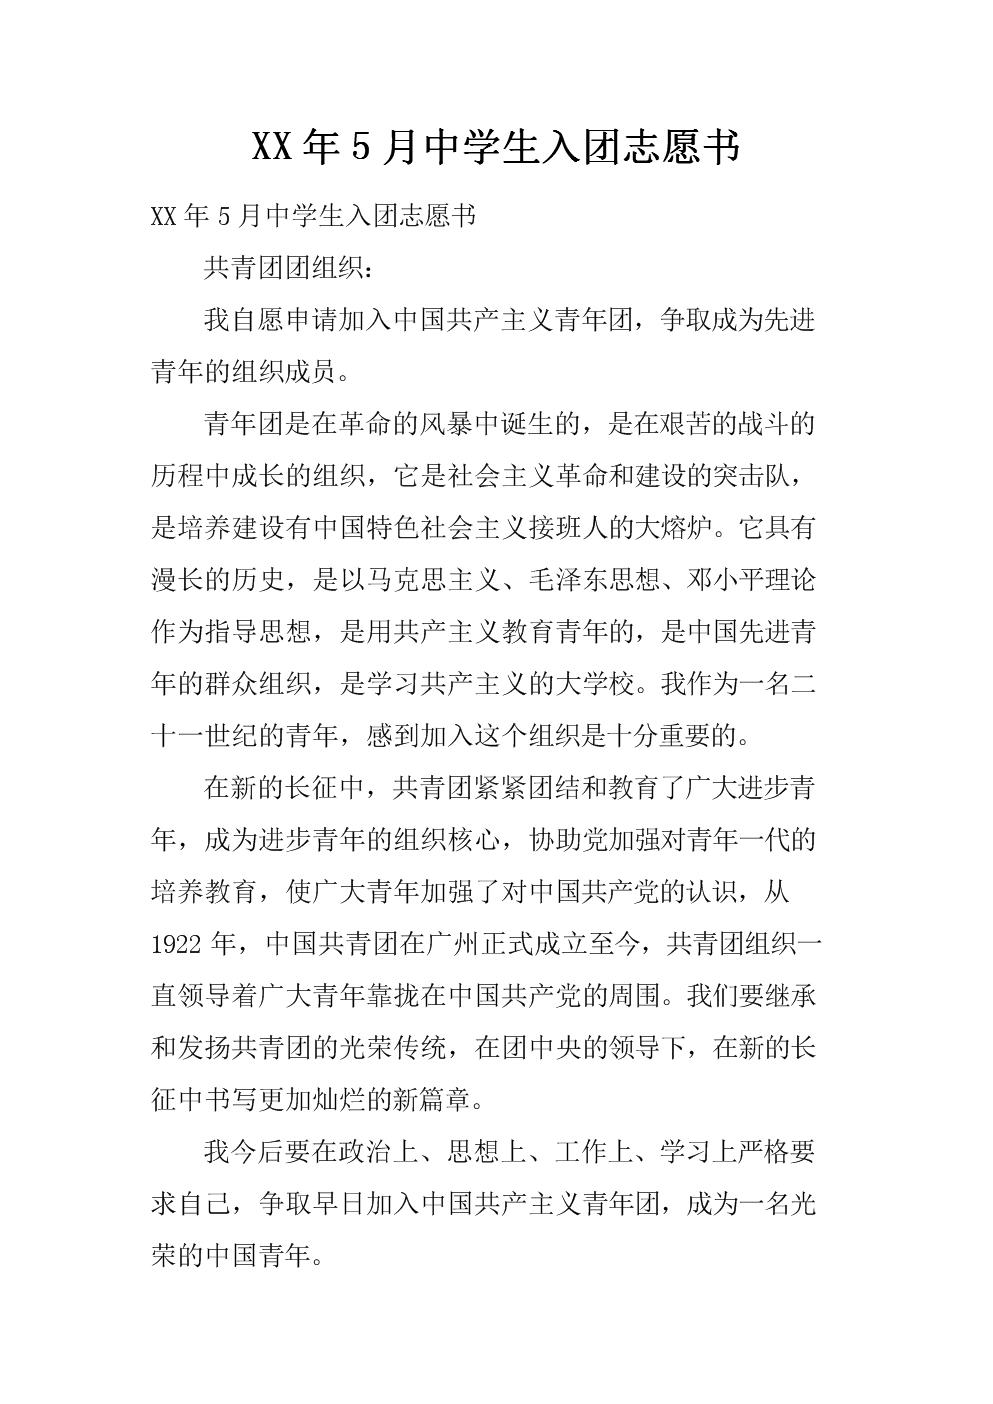 xx年5月中學生入團志愿書.docx圖片